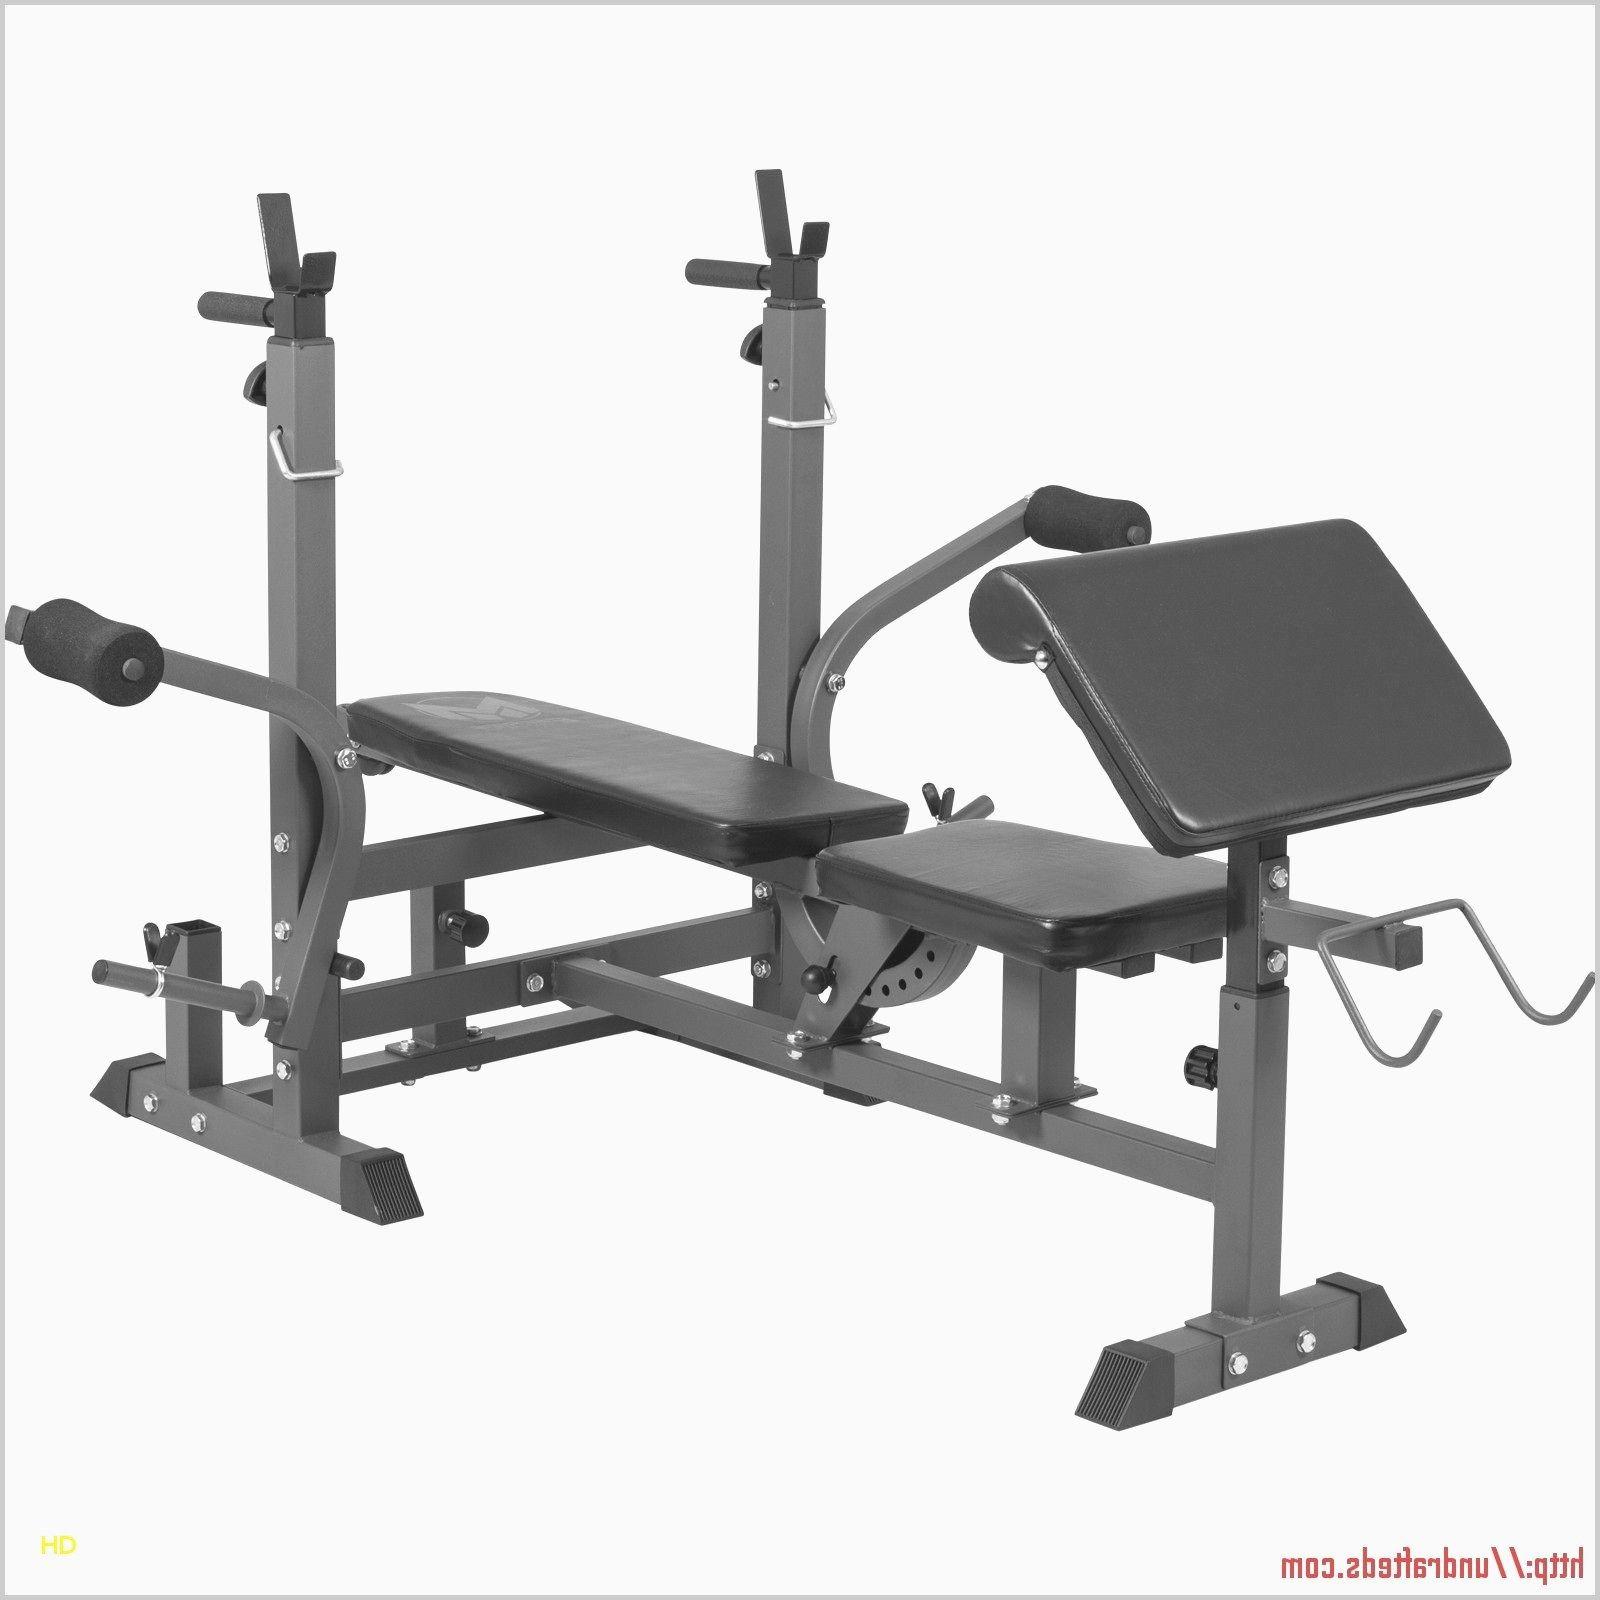 Meuble De Cuisine Decathlon chaise romaine decathlon | meuble salle de bain, idées de